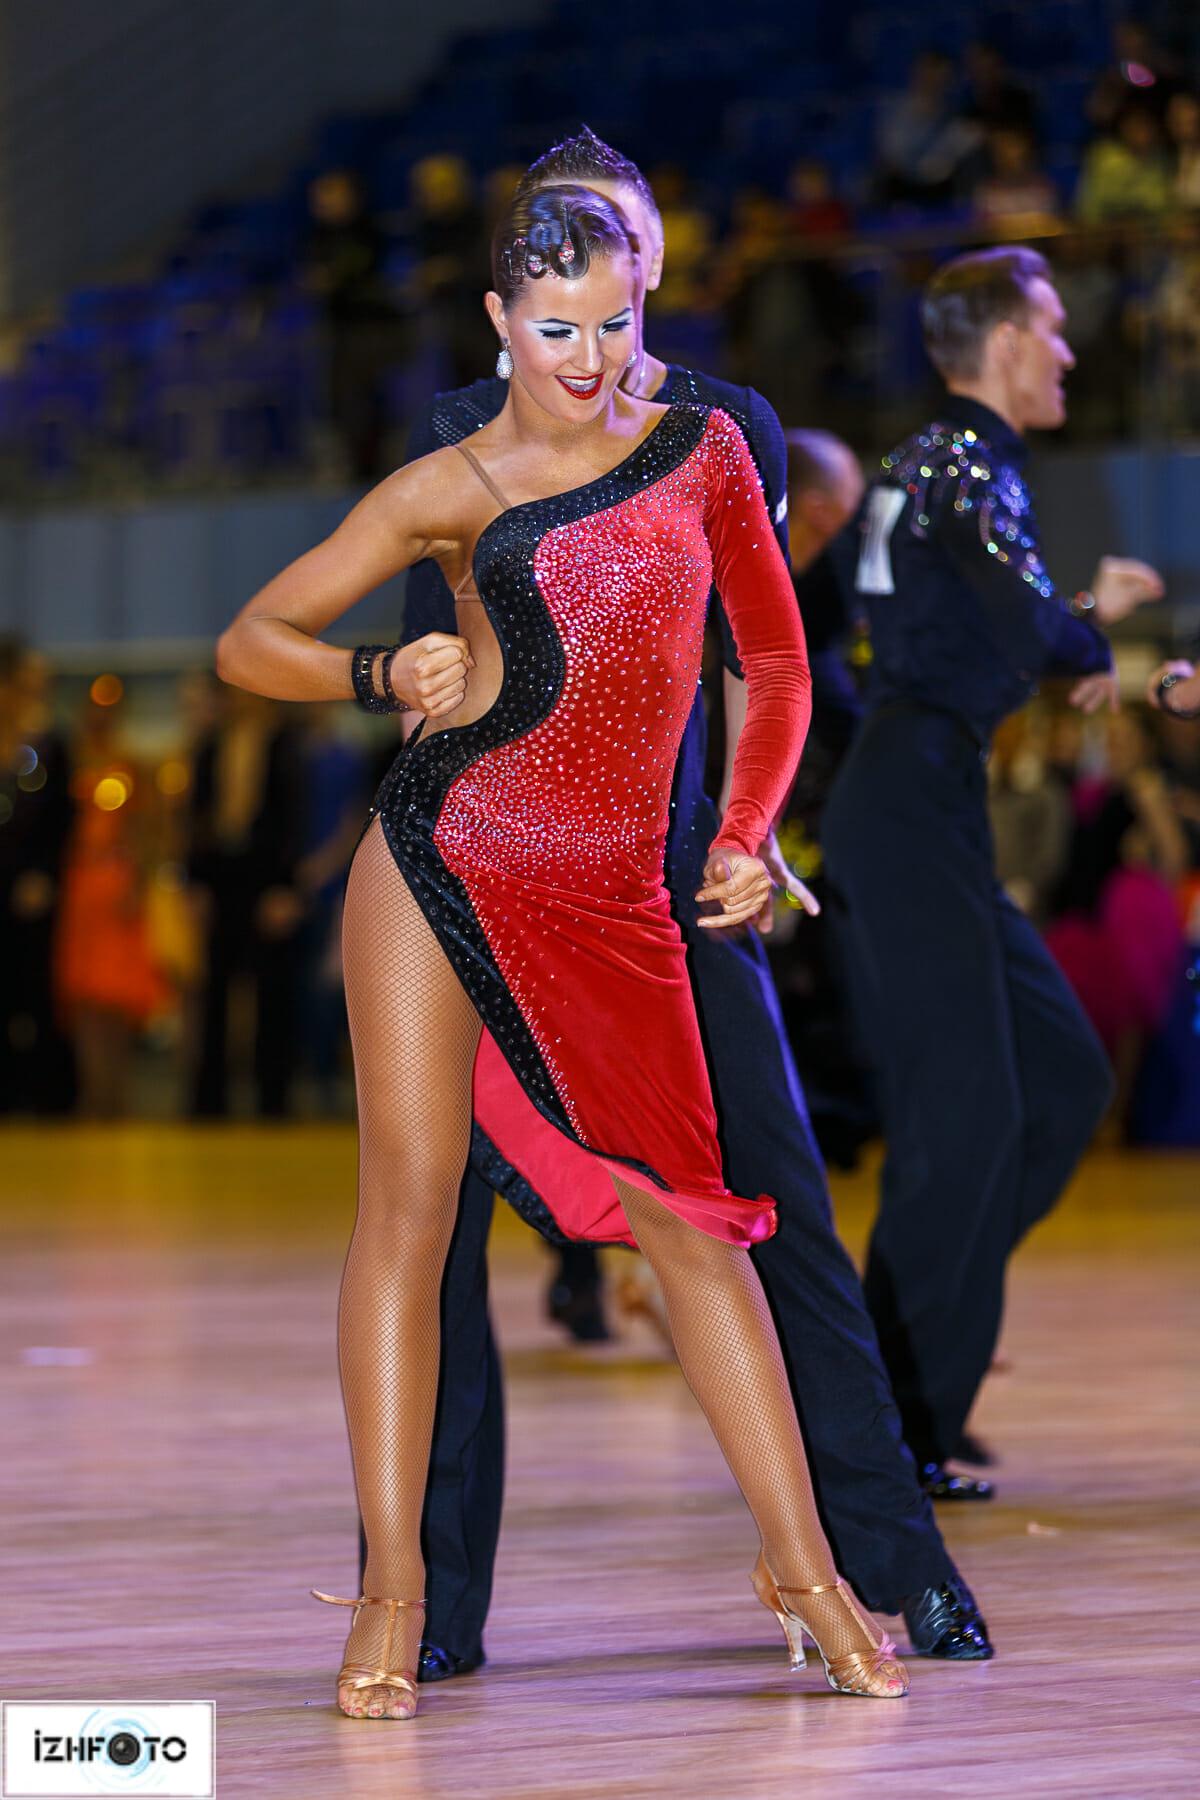 соревнования по спортивным бальным танцам